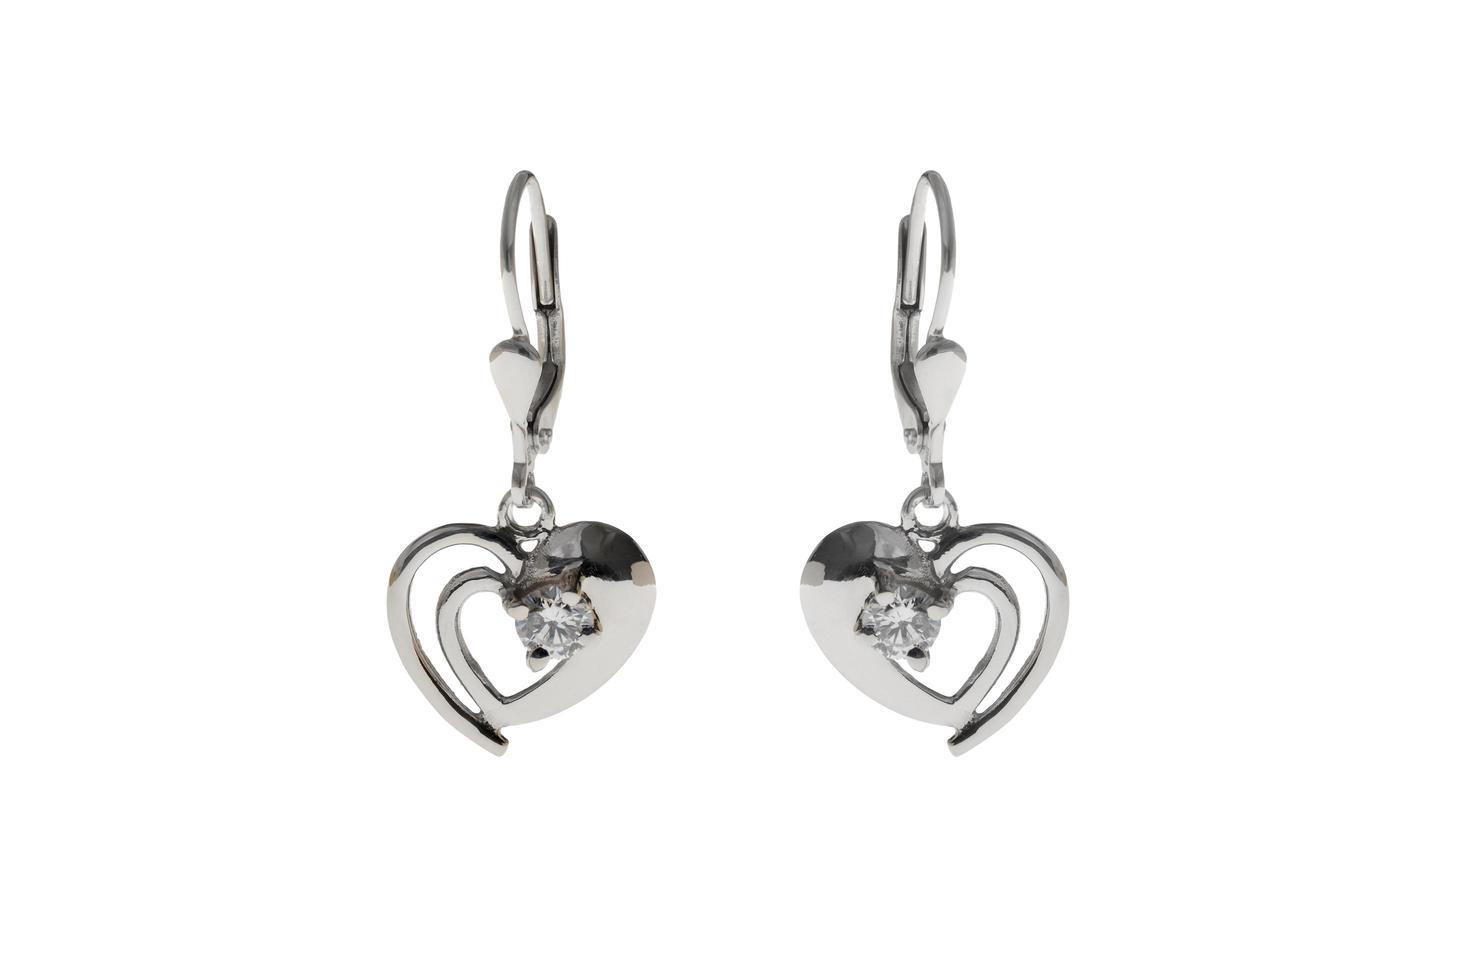 silverörhängen i form av hjärta foto